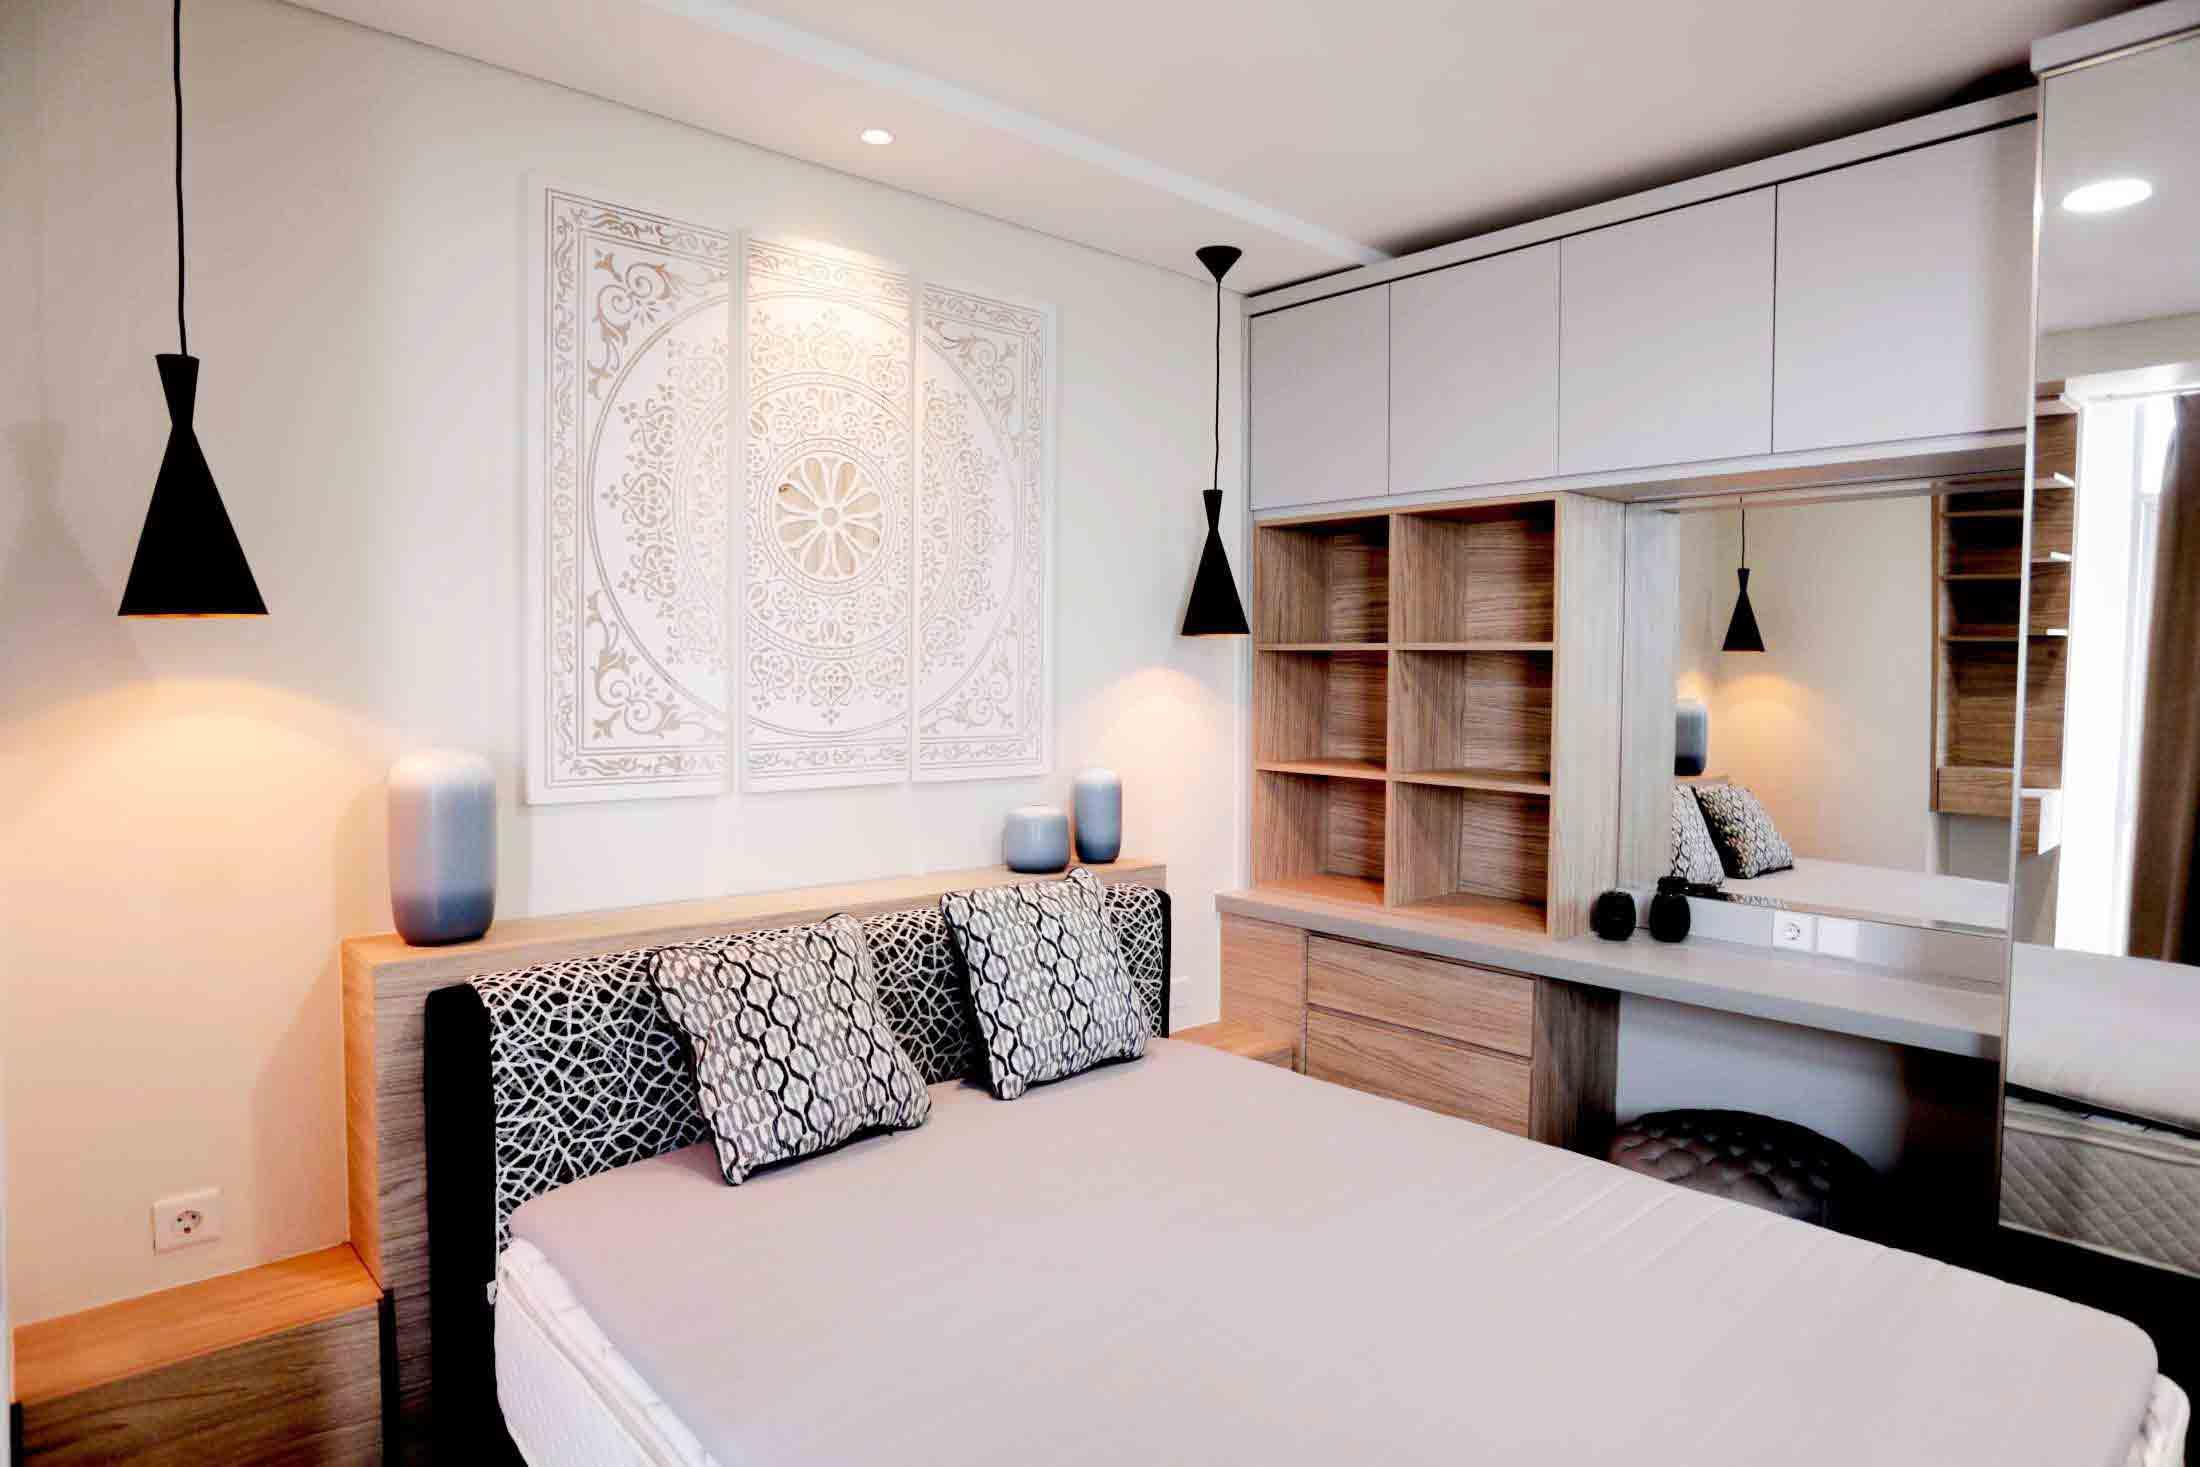 Lampu gantung di sisi kiri dan kanan lukisan, kamar karya Samitrayasa Design, via Arsitag.com